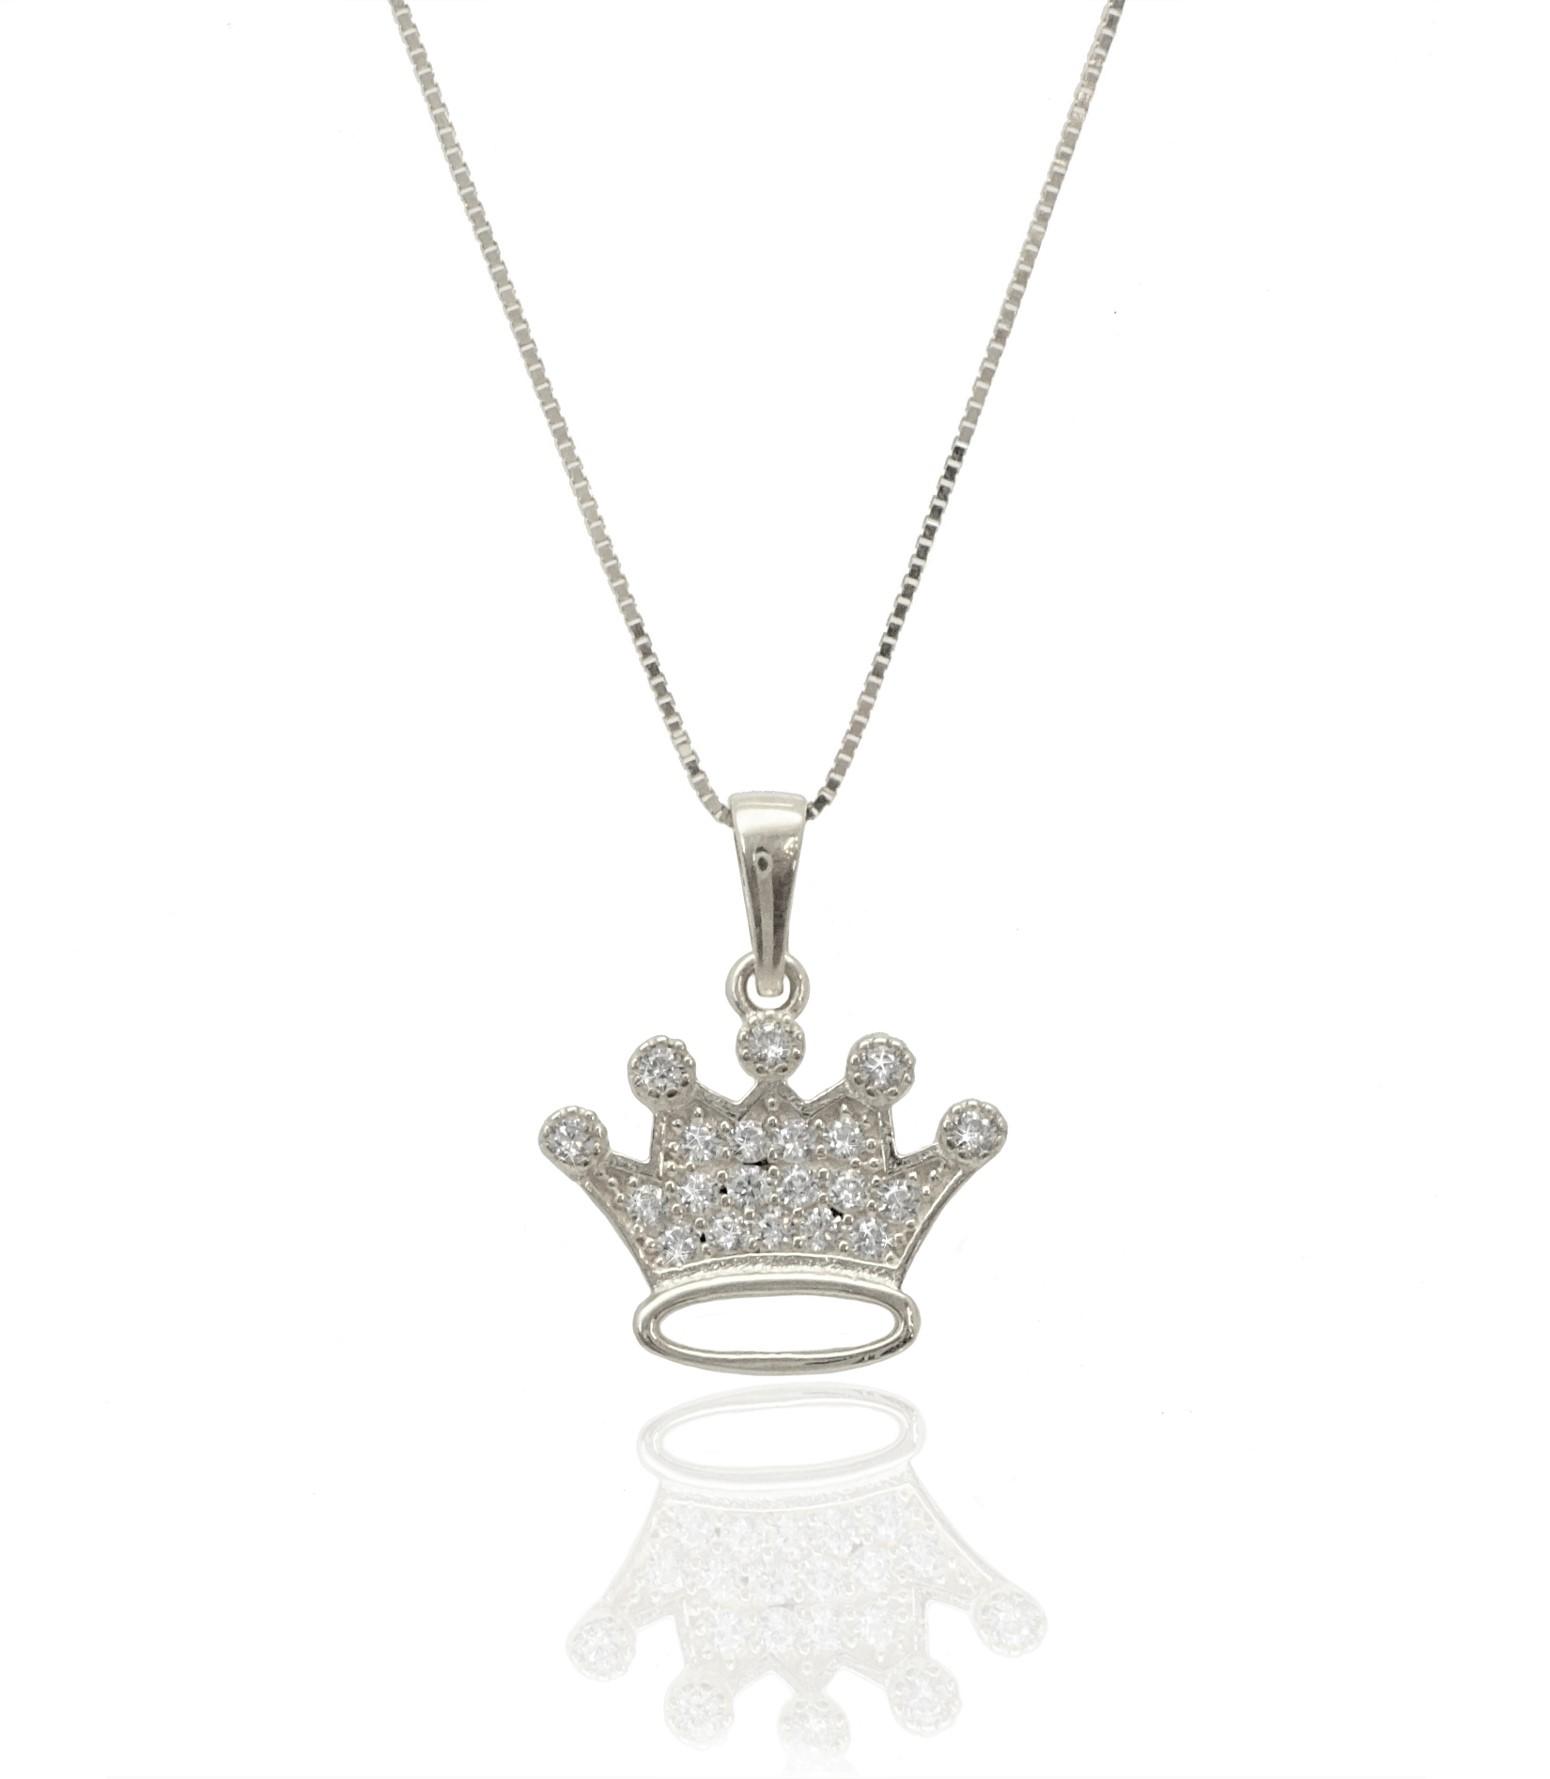 שרשרת כתר לאשה שרשרת עם תליון כתר בזהב 14 קאראט משובץ יהלומים